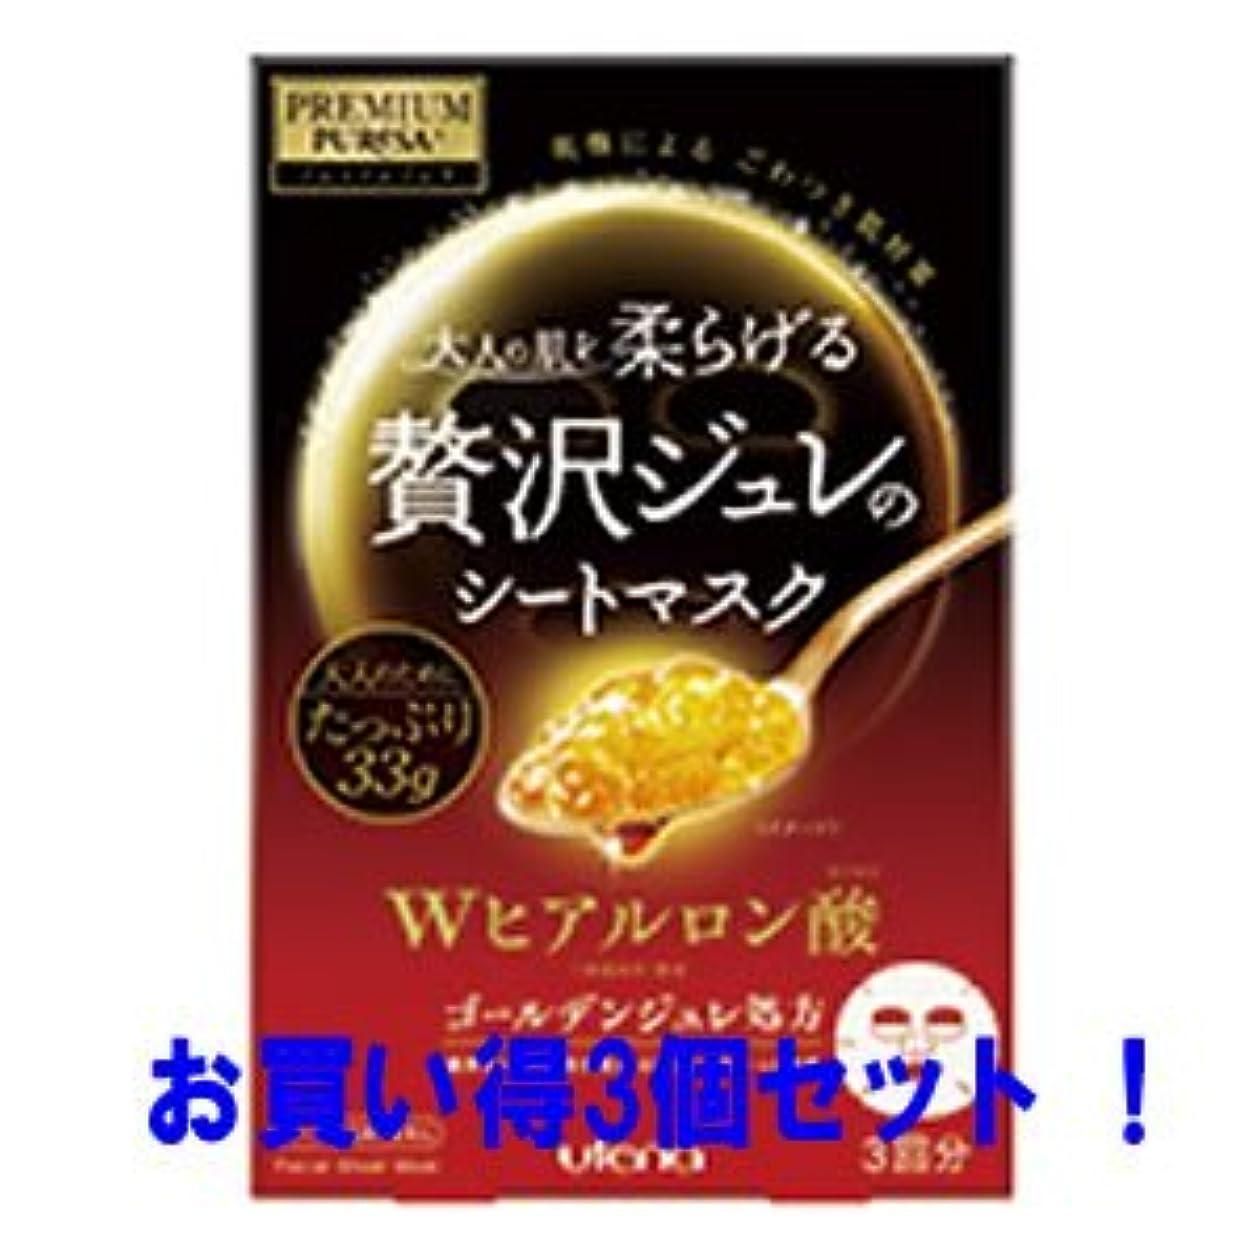 米ドル分析的なモンゴメリー(お買い得3個セット)(ウテナ)プレミアムプレサ 大人の肌を柔らげる贅沢ジュレのシートマスクWヒアルロン酸(3回分)